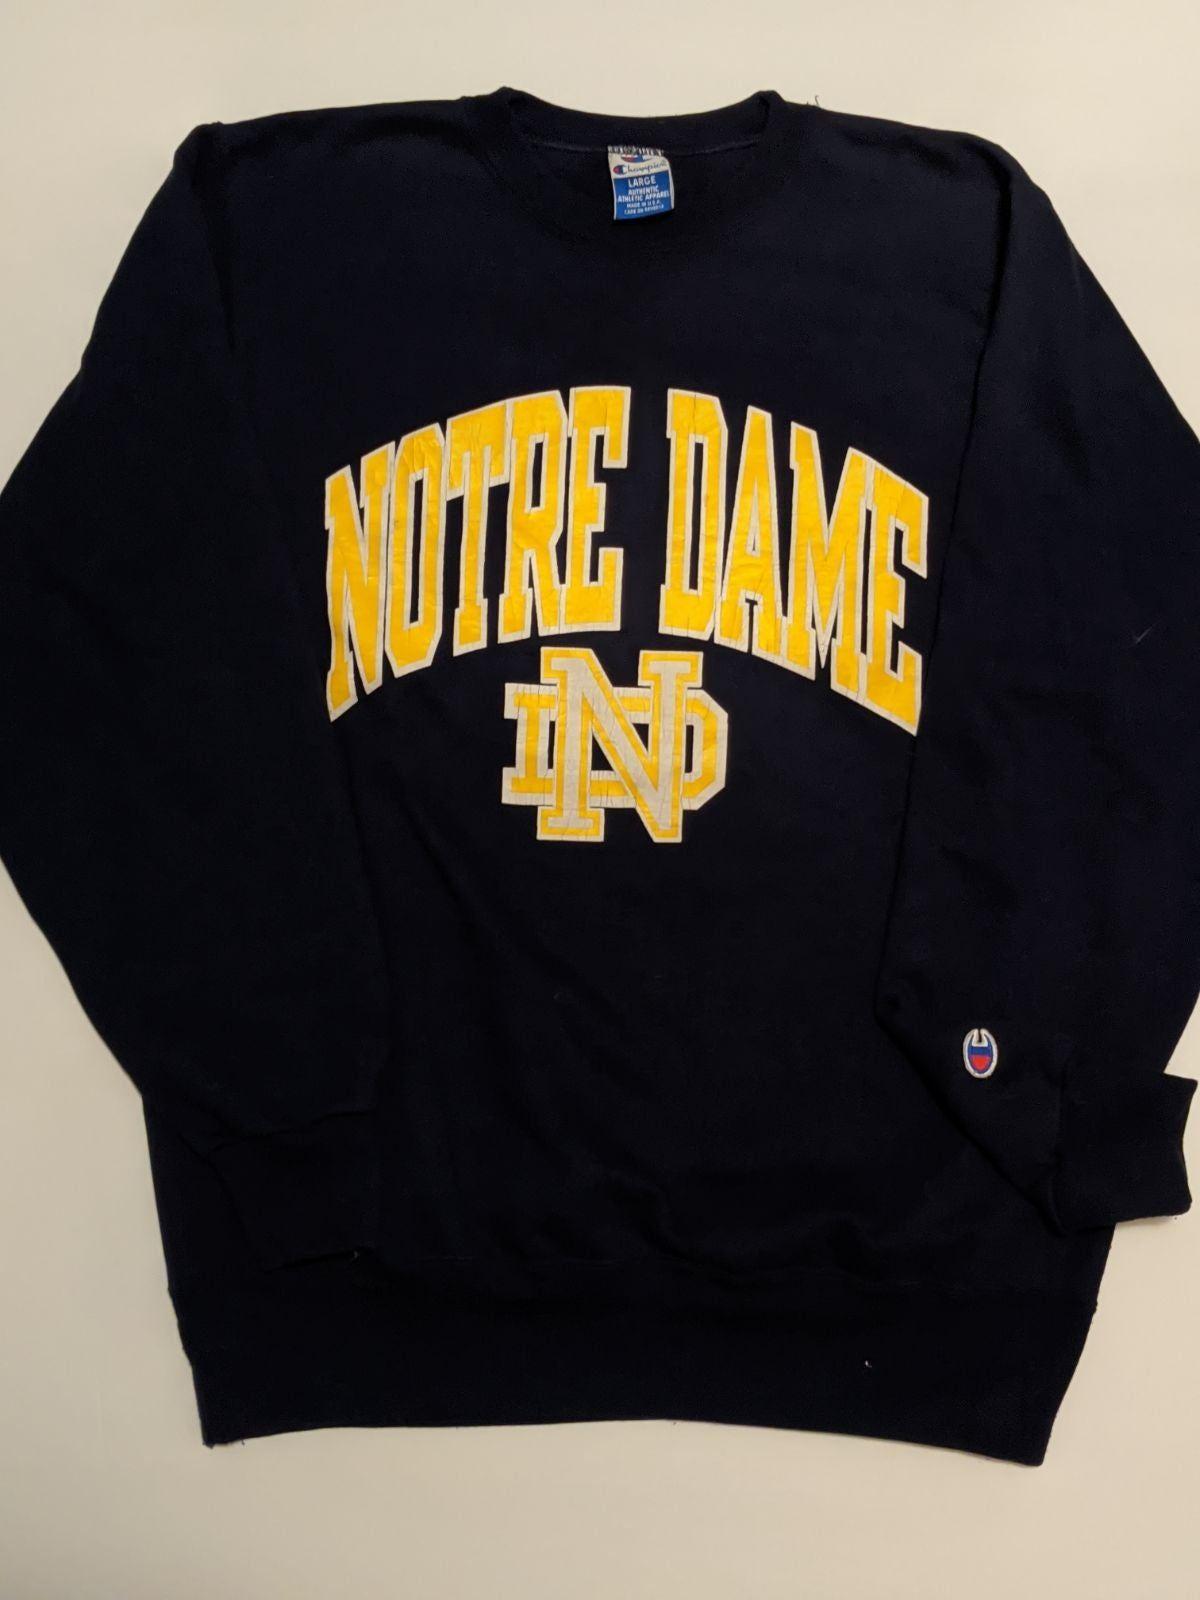 Vintage Champion Notre Dame Sweatshirt In 2020 Sweatshirts Notre Dame Sweatshirt Vintage Champion